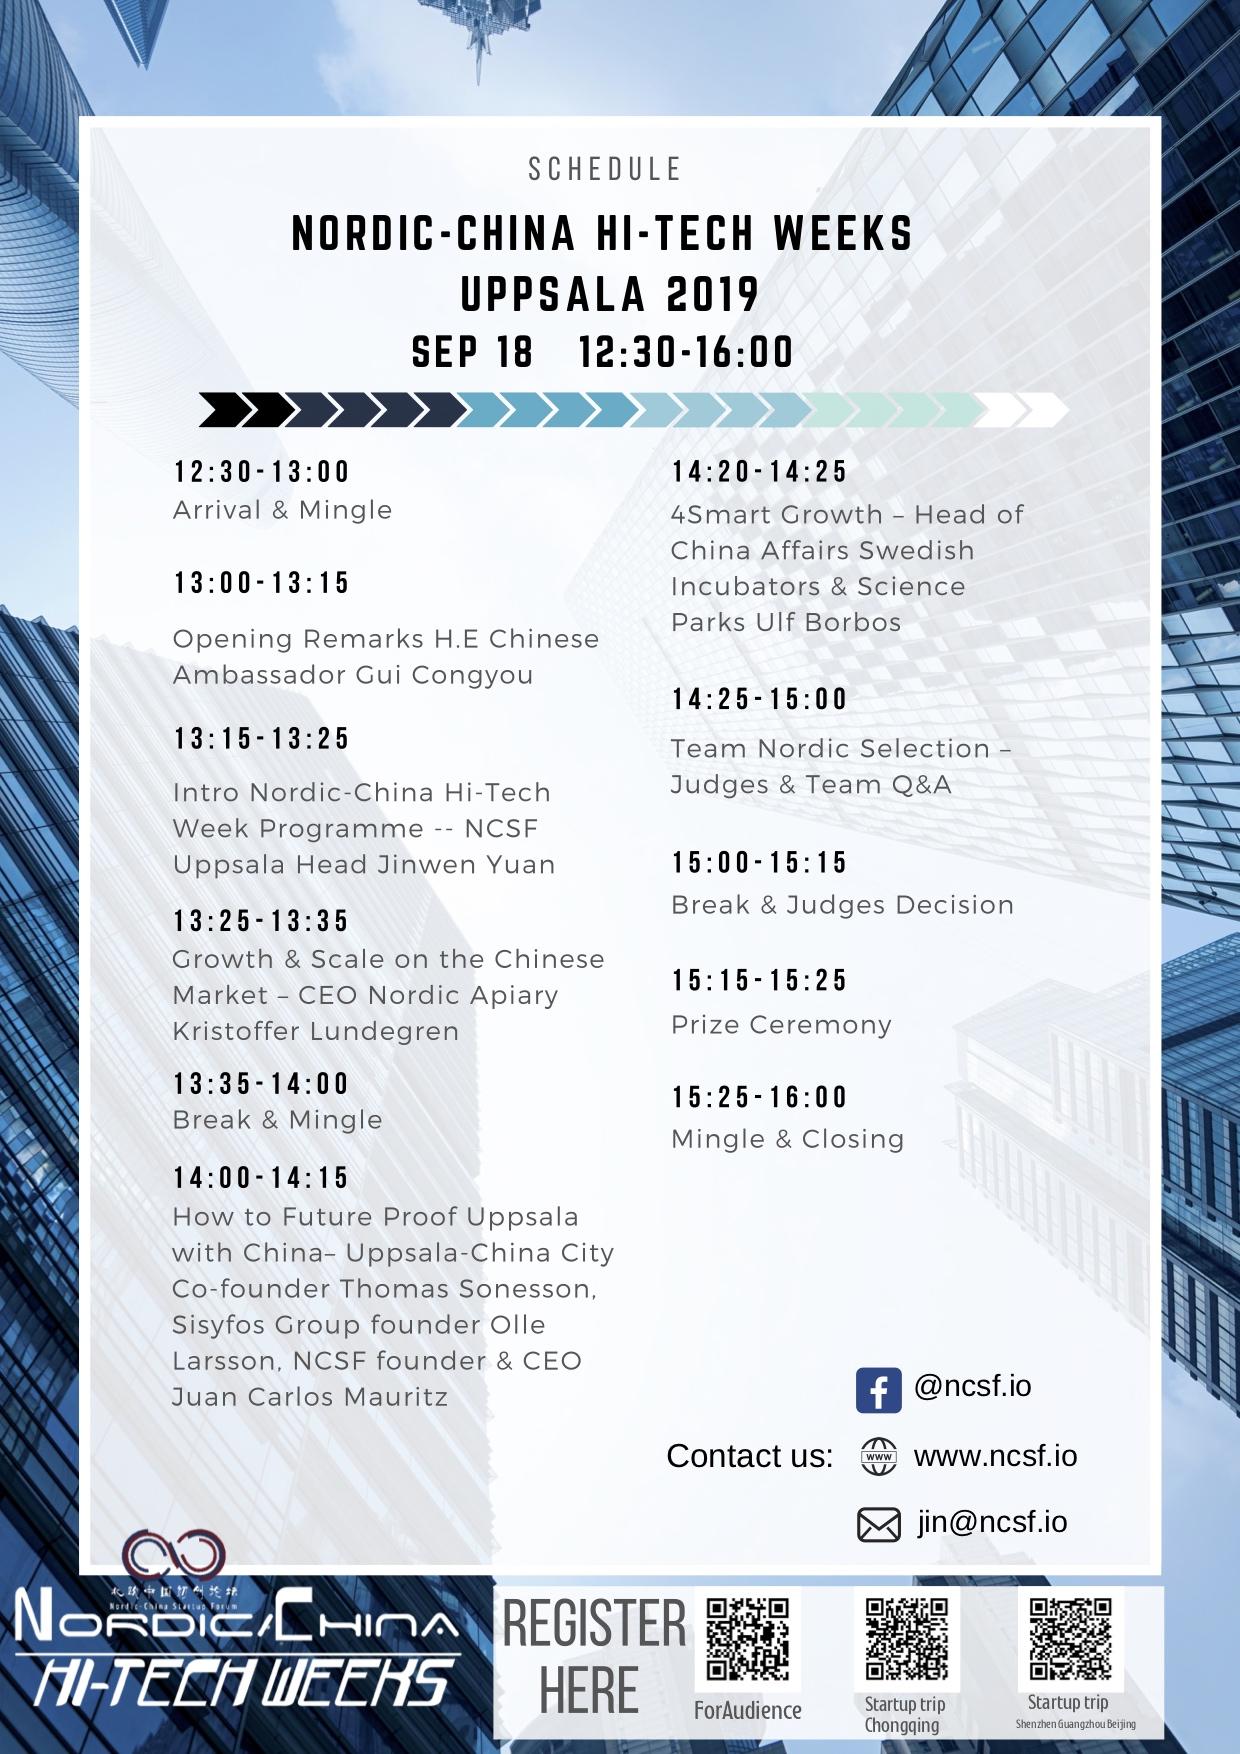 Hi-tech week in Uppsala_ event schedule